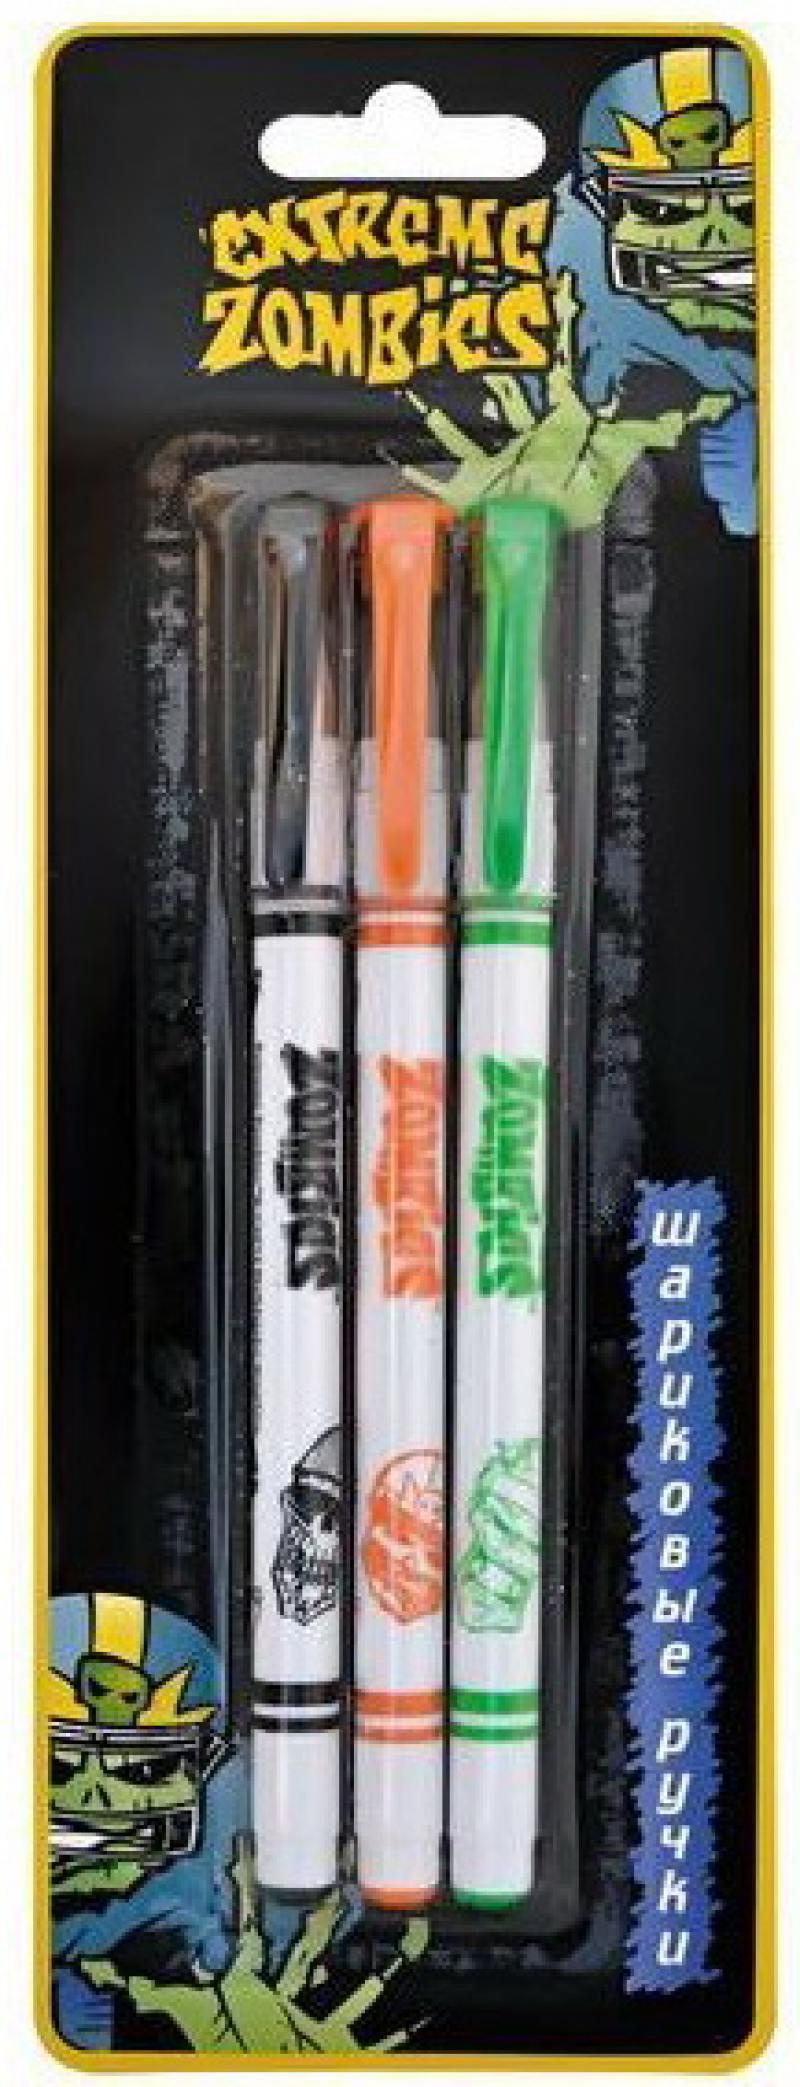 Набор шариковых ручек Action! Extreme Zombie 3 шт синий EZ-ABP151/3 EZ-ABP151/3 набор шариковых ручек стамм ро06 3 шт разноцветный 1 мм ро06